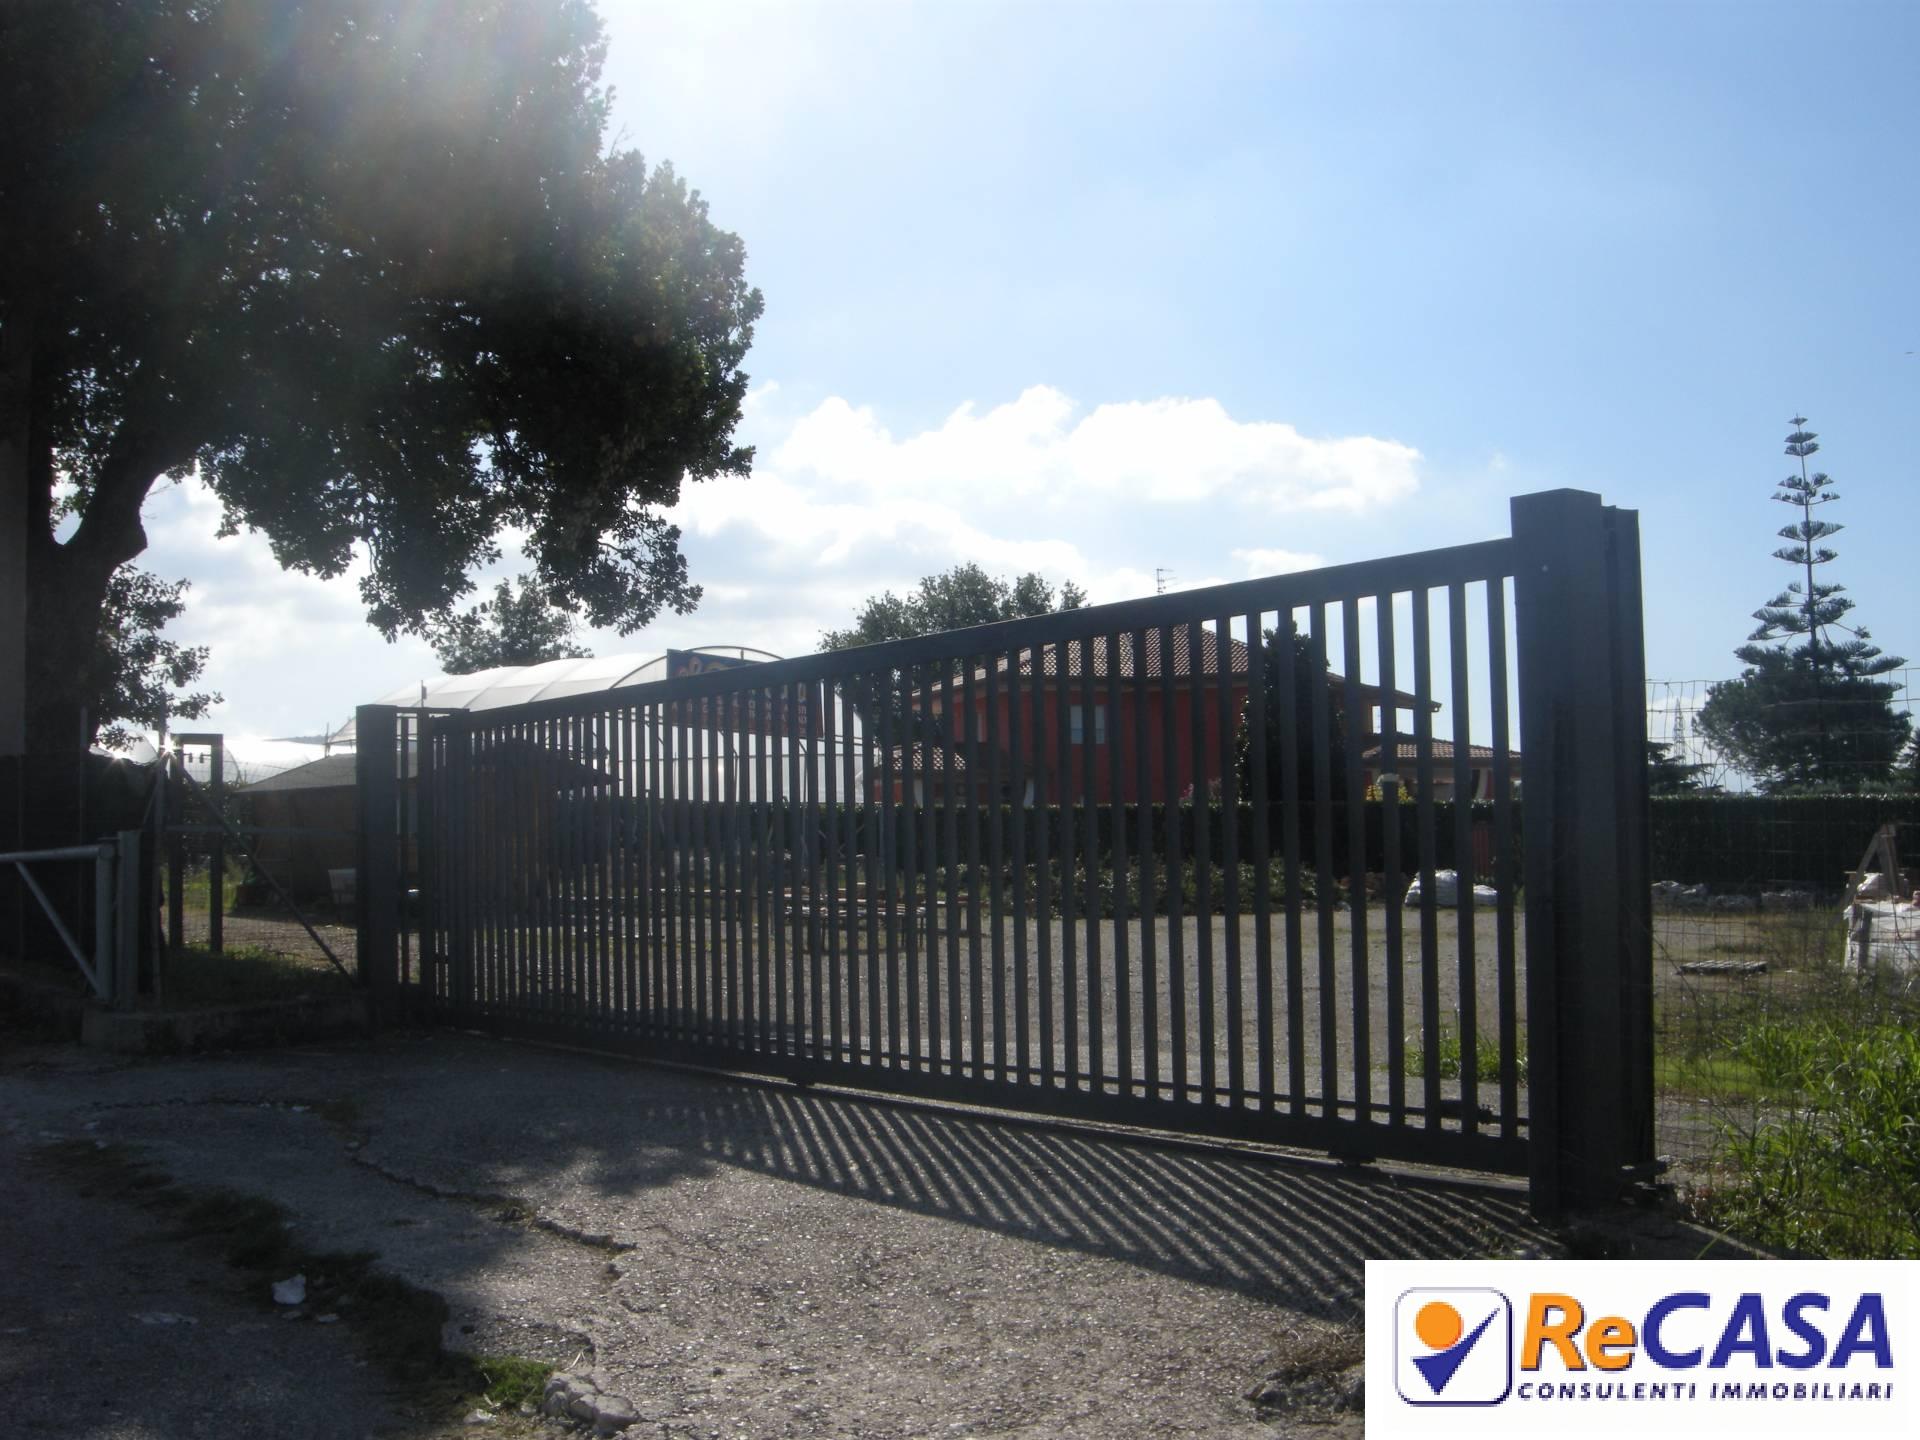 Terreno Agricolo in affitto a Montecorvino Rovella, 9999 locali, prezzo € 400 | CambioCasa.it